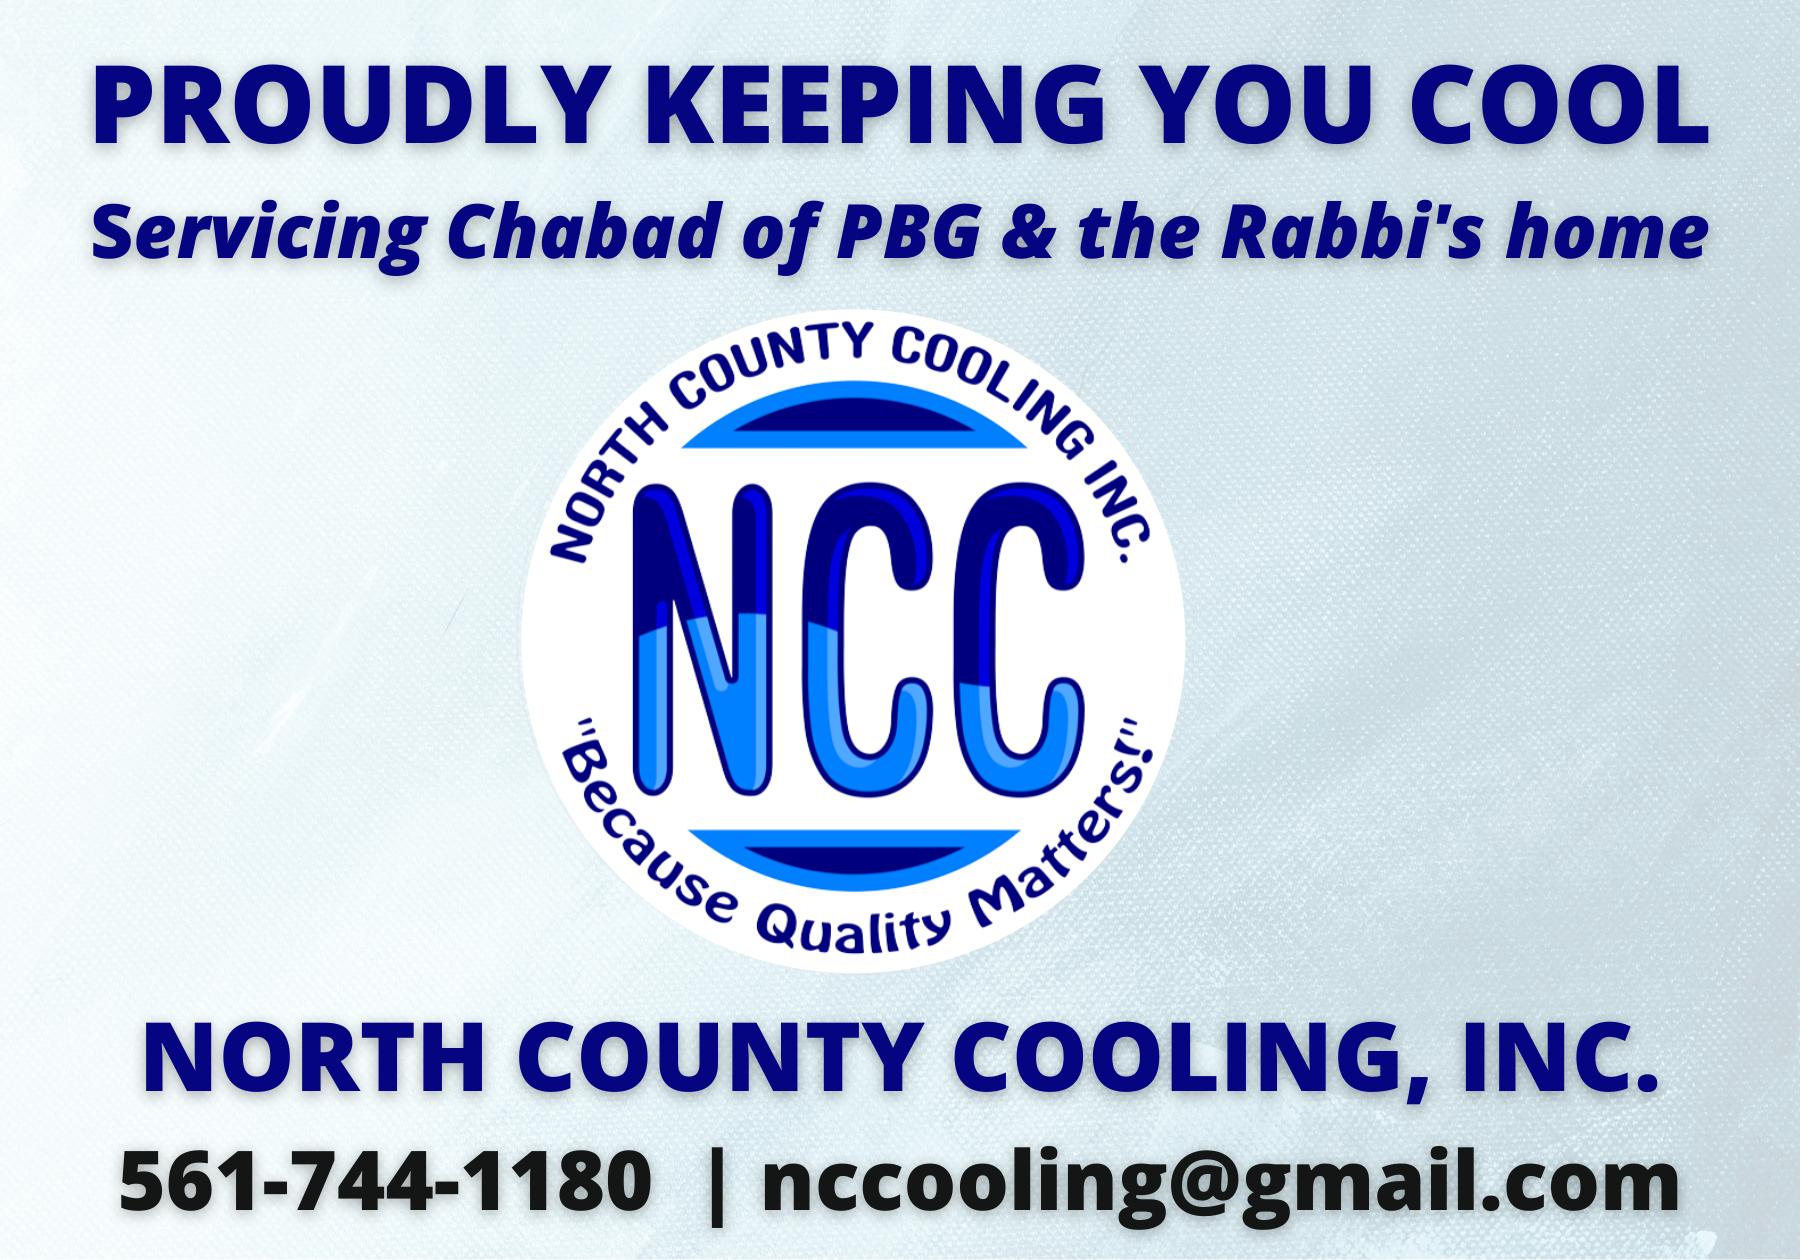 10947437_DVF_2015 Chabad of Palm Gardens.jpg